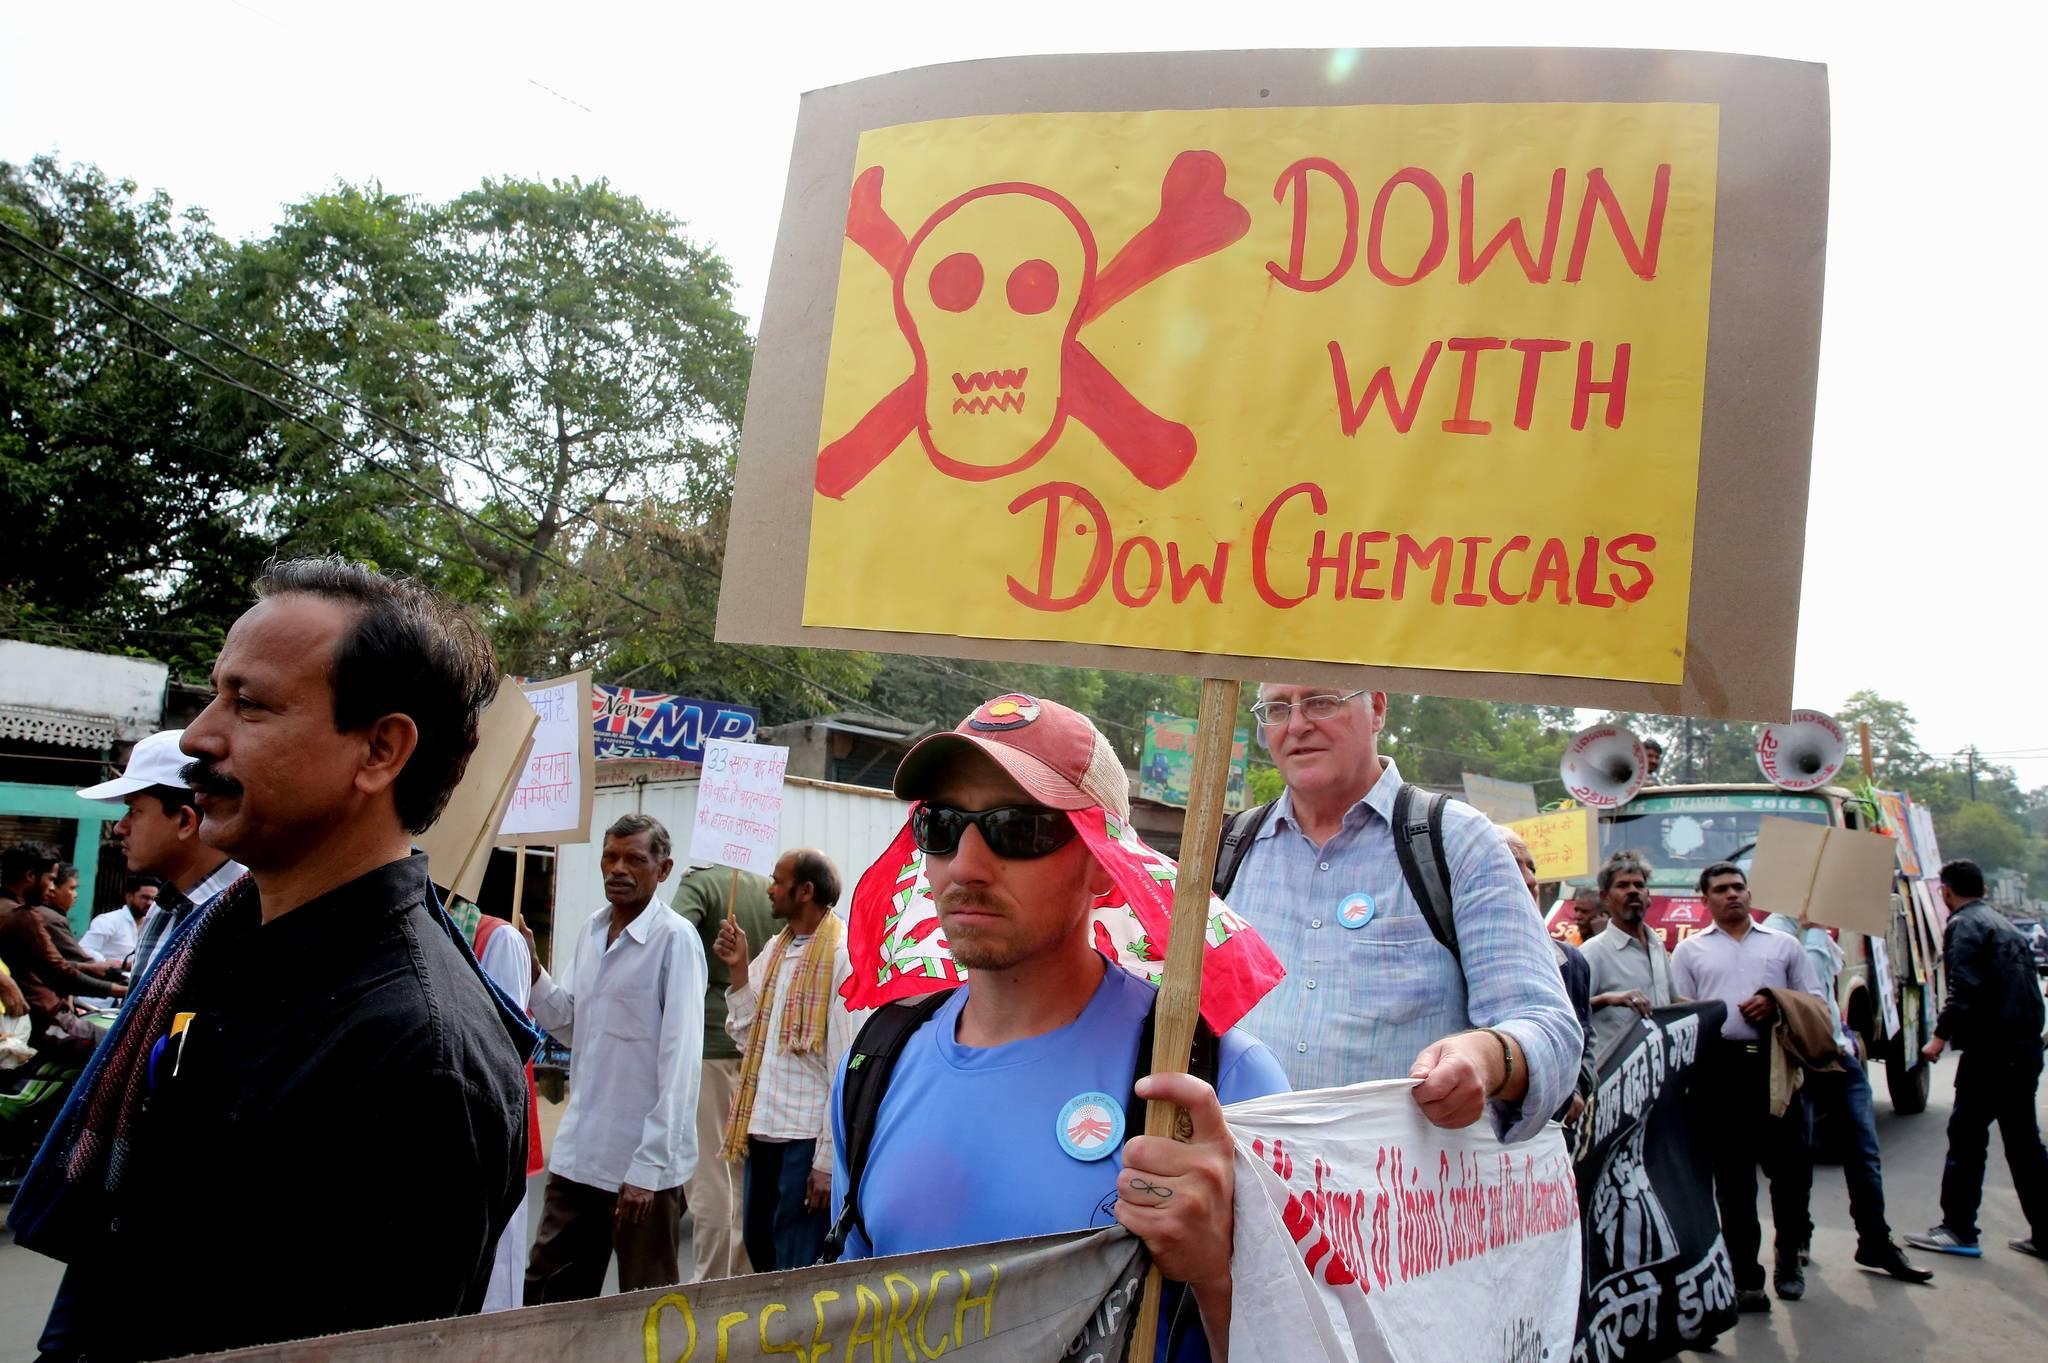 보팔 참사 33주년을 맞은 2017년 12월 3일 인도 현지에서 피해자와 지원단체 회원들이 플래카드를 들고 시위를 벌이고 있다. 다우케미칼은 사고를 일으킨 업체 유니언 카바이드를 인수했다. [EPA=연합]